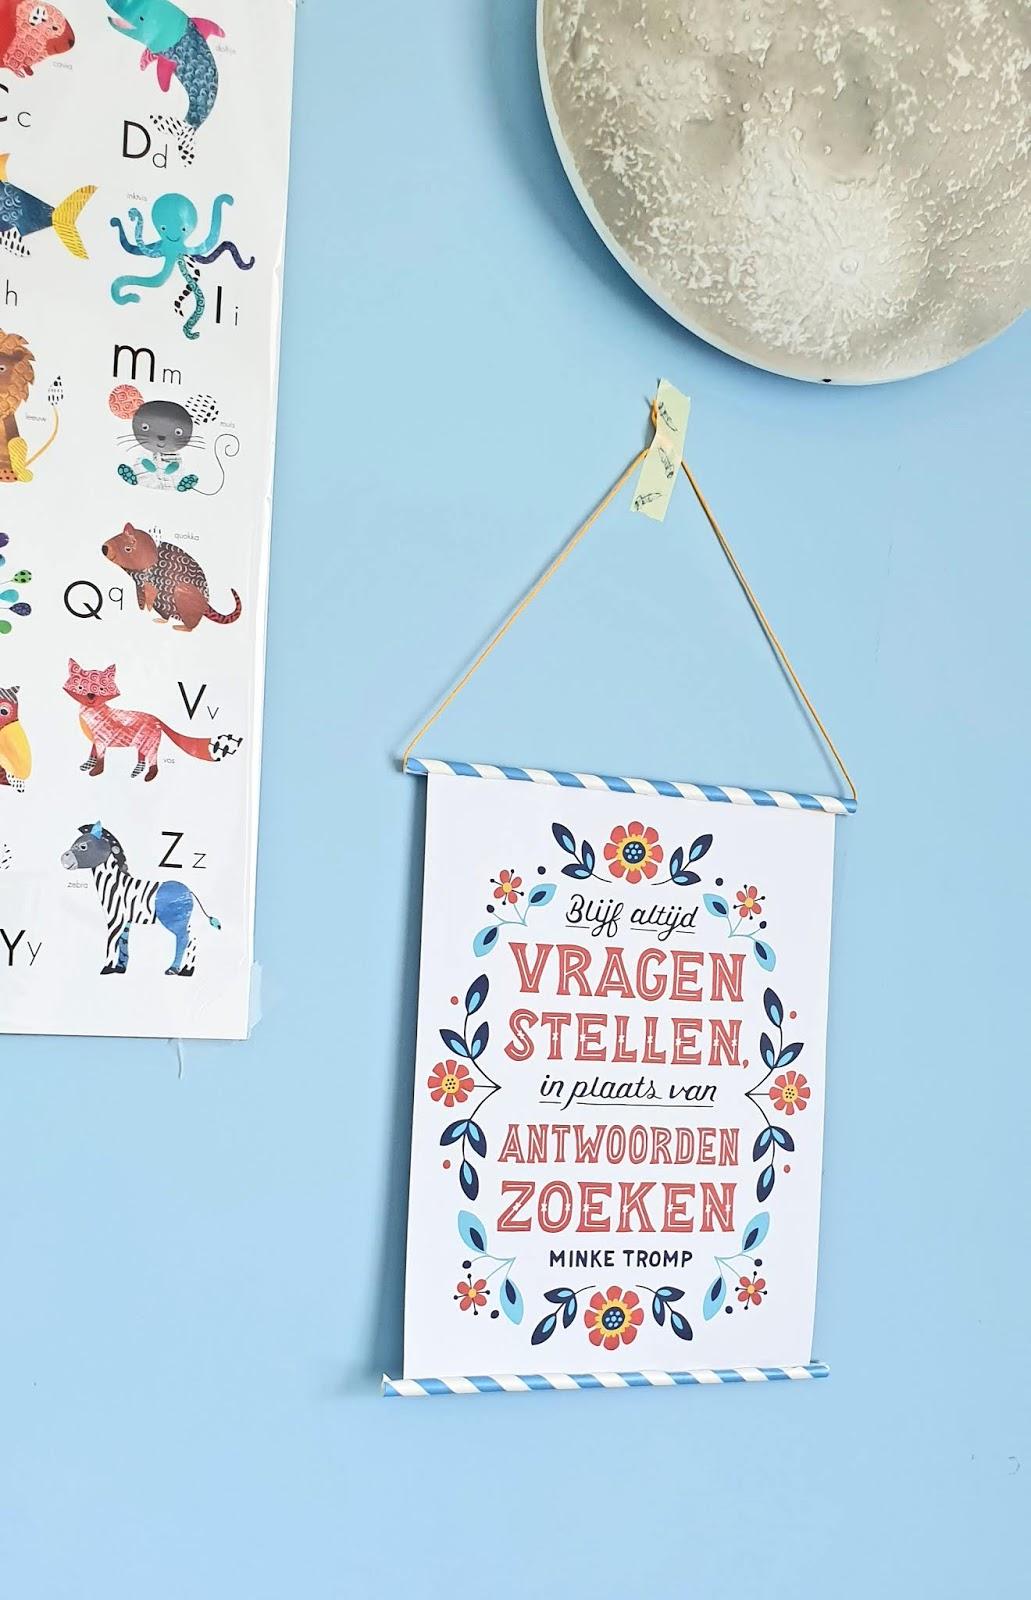 Sposób na plakaty